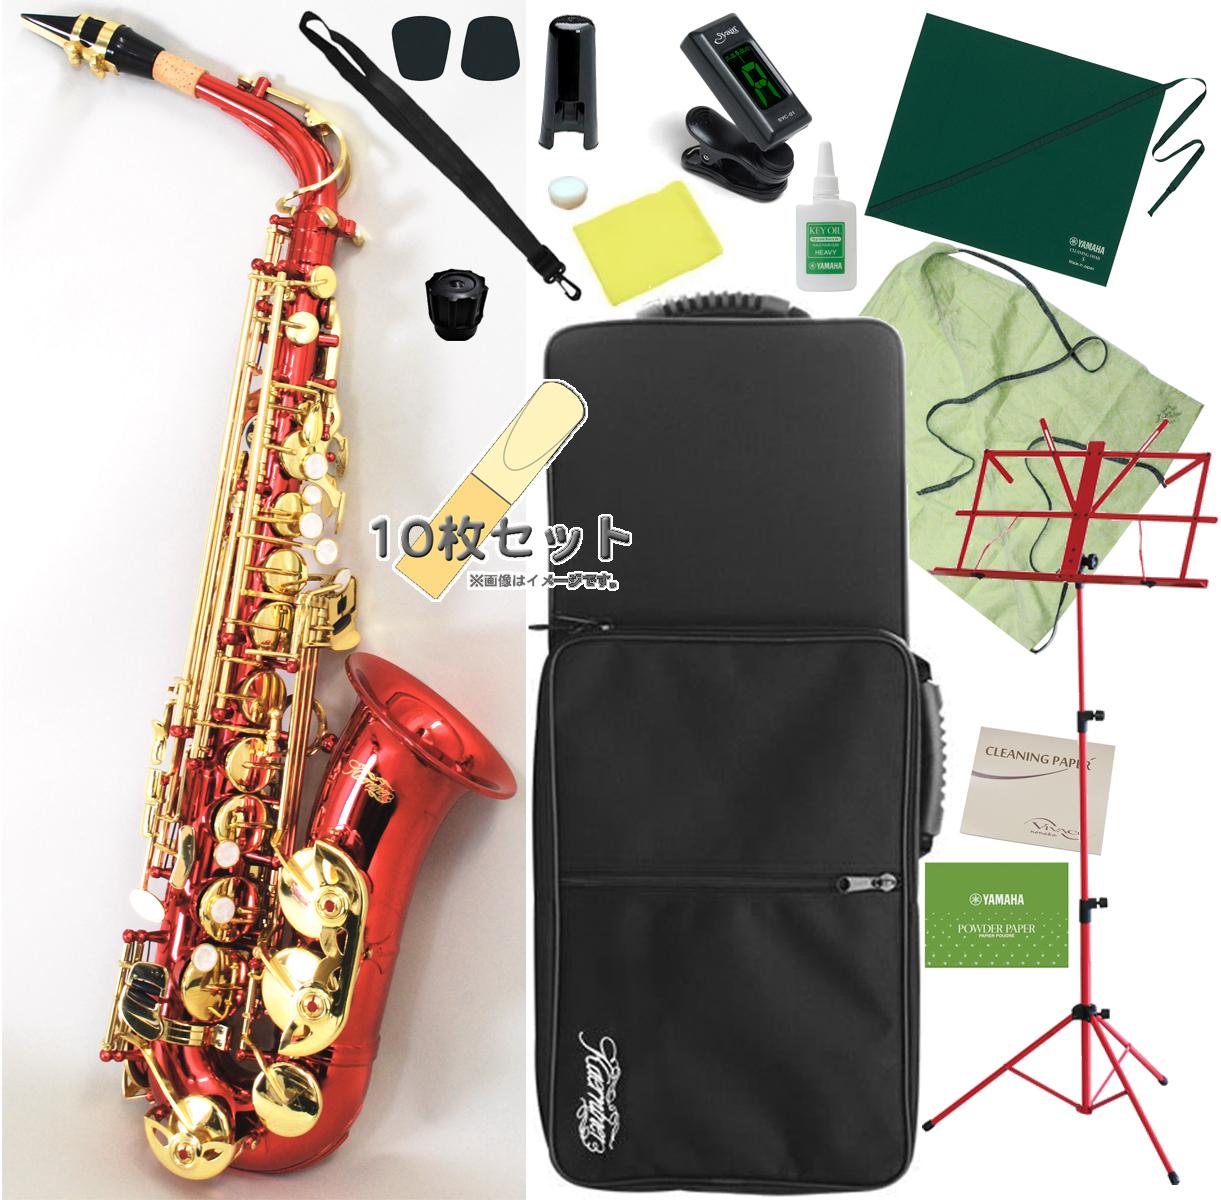 レッド アルトサックス オリジナル カラー サックス 楽器 本体 ケース セット 初心者 管楽器 スタンダード E♭ 【 アルトサックス 赤色 セット B 】 送料無料